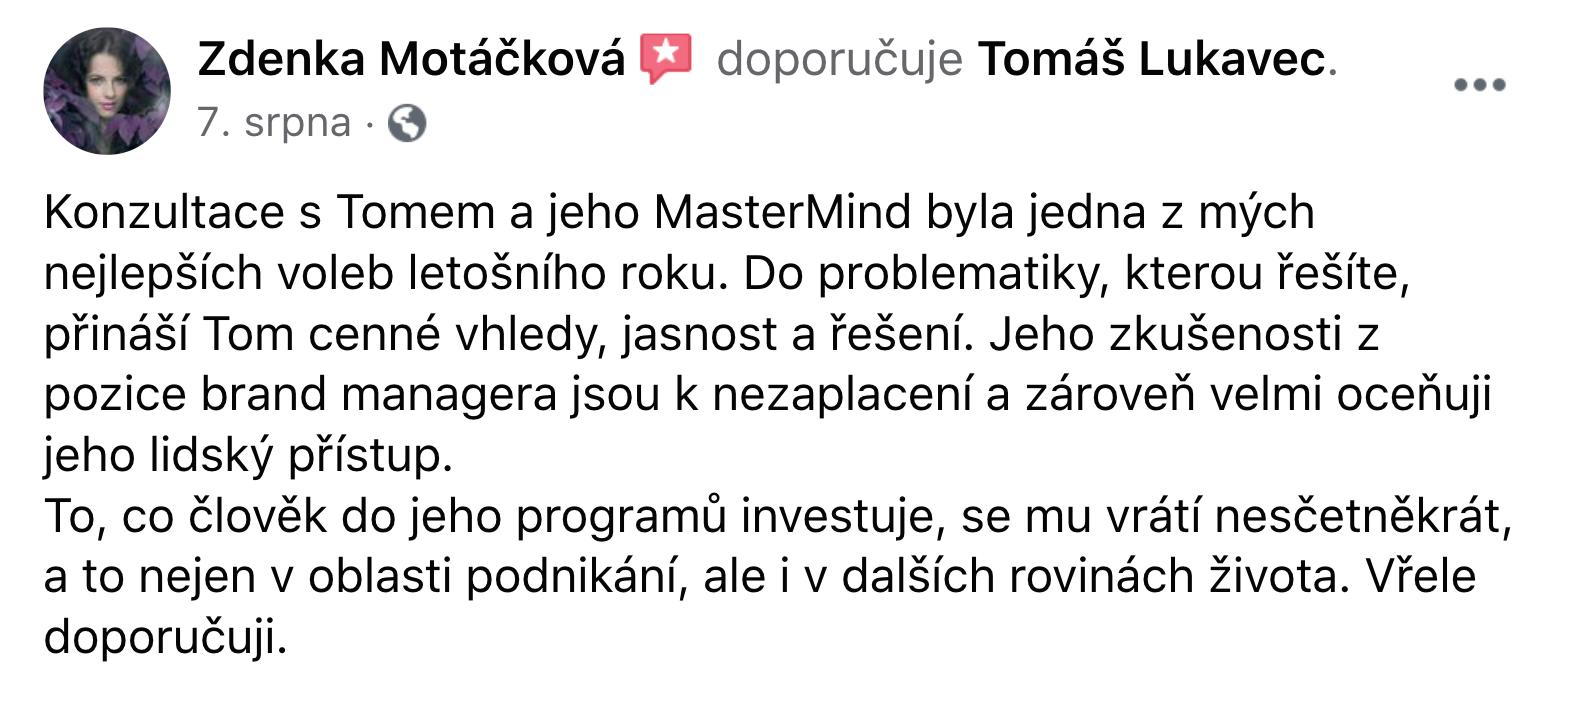 Reference - Zdeňka Motáčková